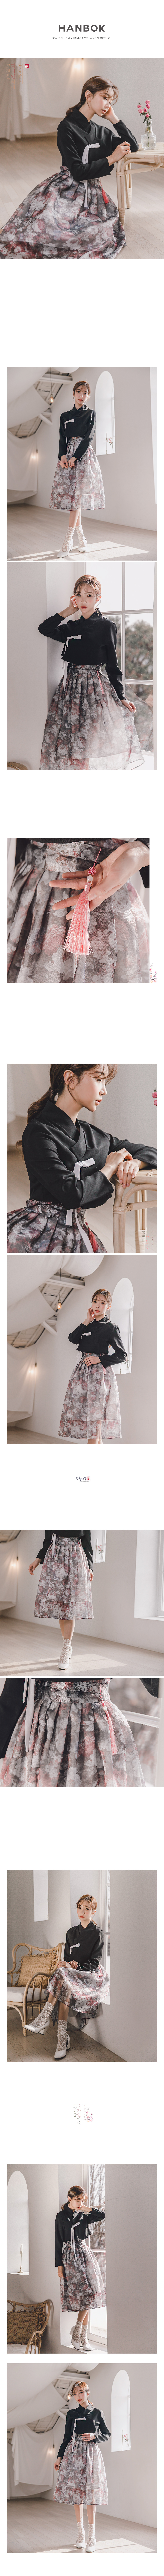 생활한복세트 검은목+상화113,900원-츄샵패션의류, 생활한복, 생활한복, 여성한복바보사랑생활한복세트 검은목+상화113,900원-츄샵패션의류, 생활한복, 생활한복, 여성한복바보사랑